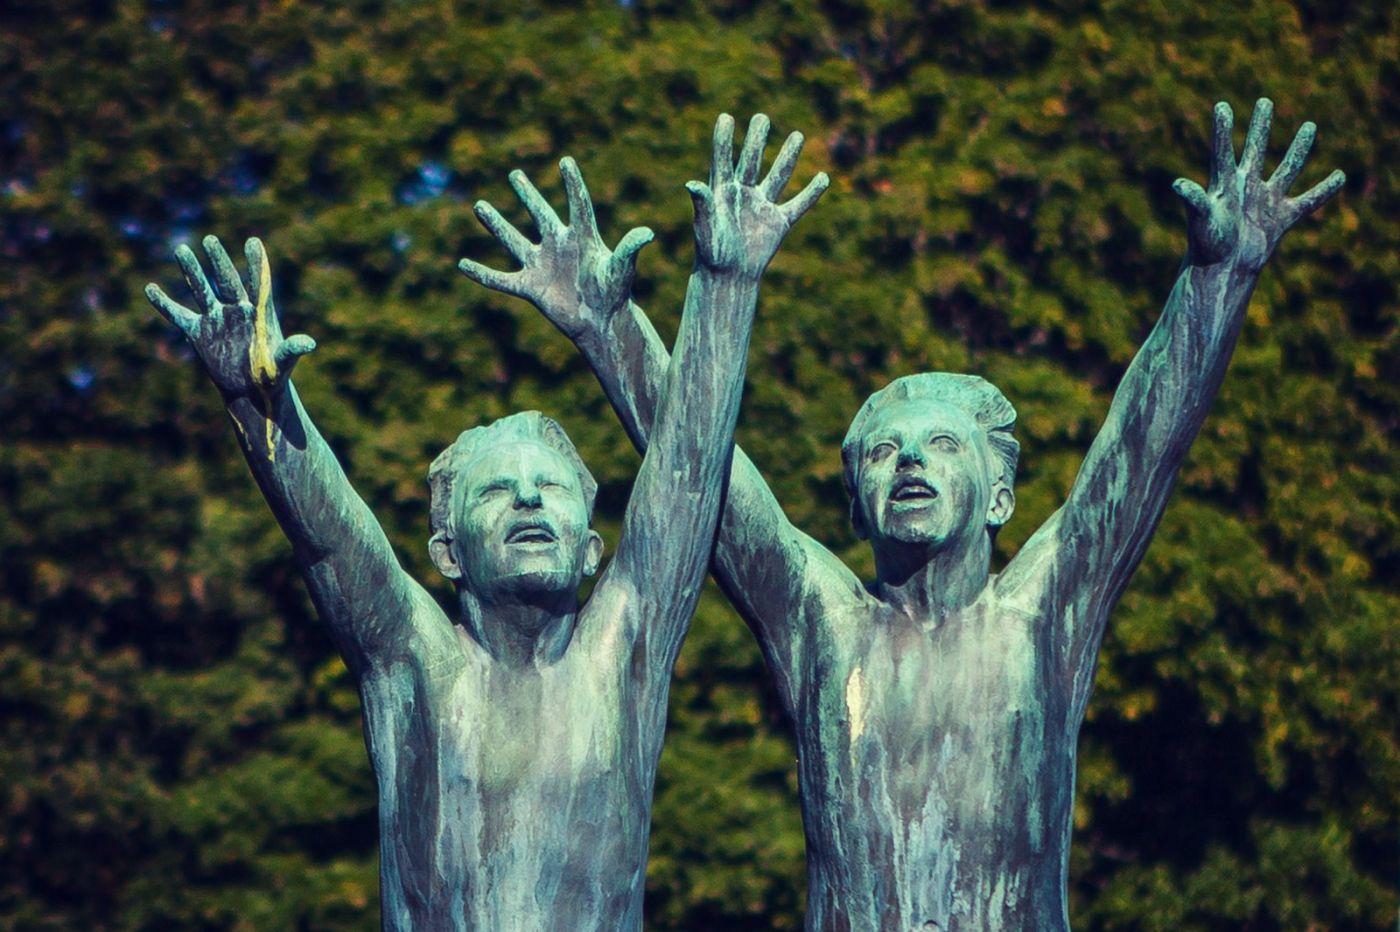 挪威维格兰雕塑公园,风格明显_图1-21